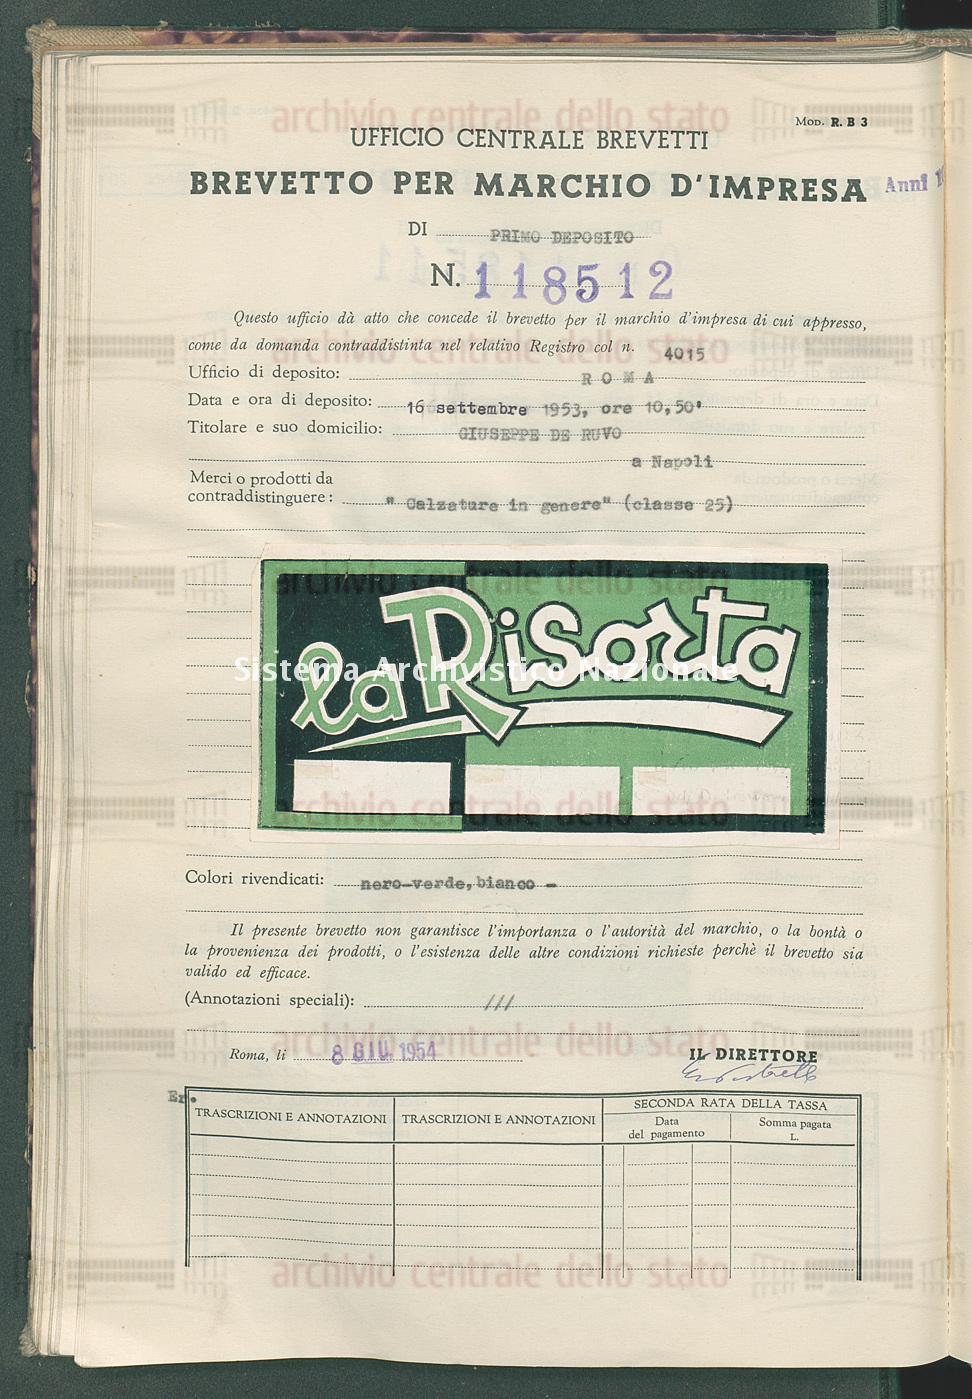 'Calzaure in genere' Giuseppe De Ruvo (08/06/1954)